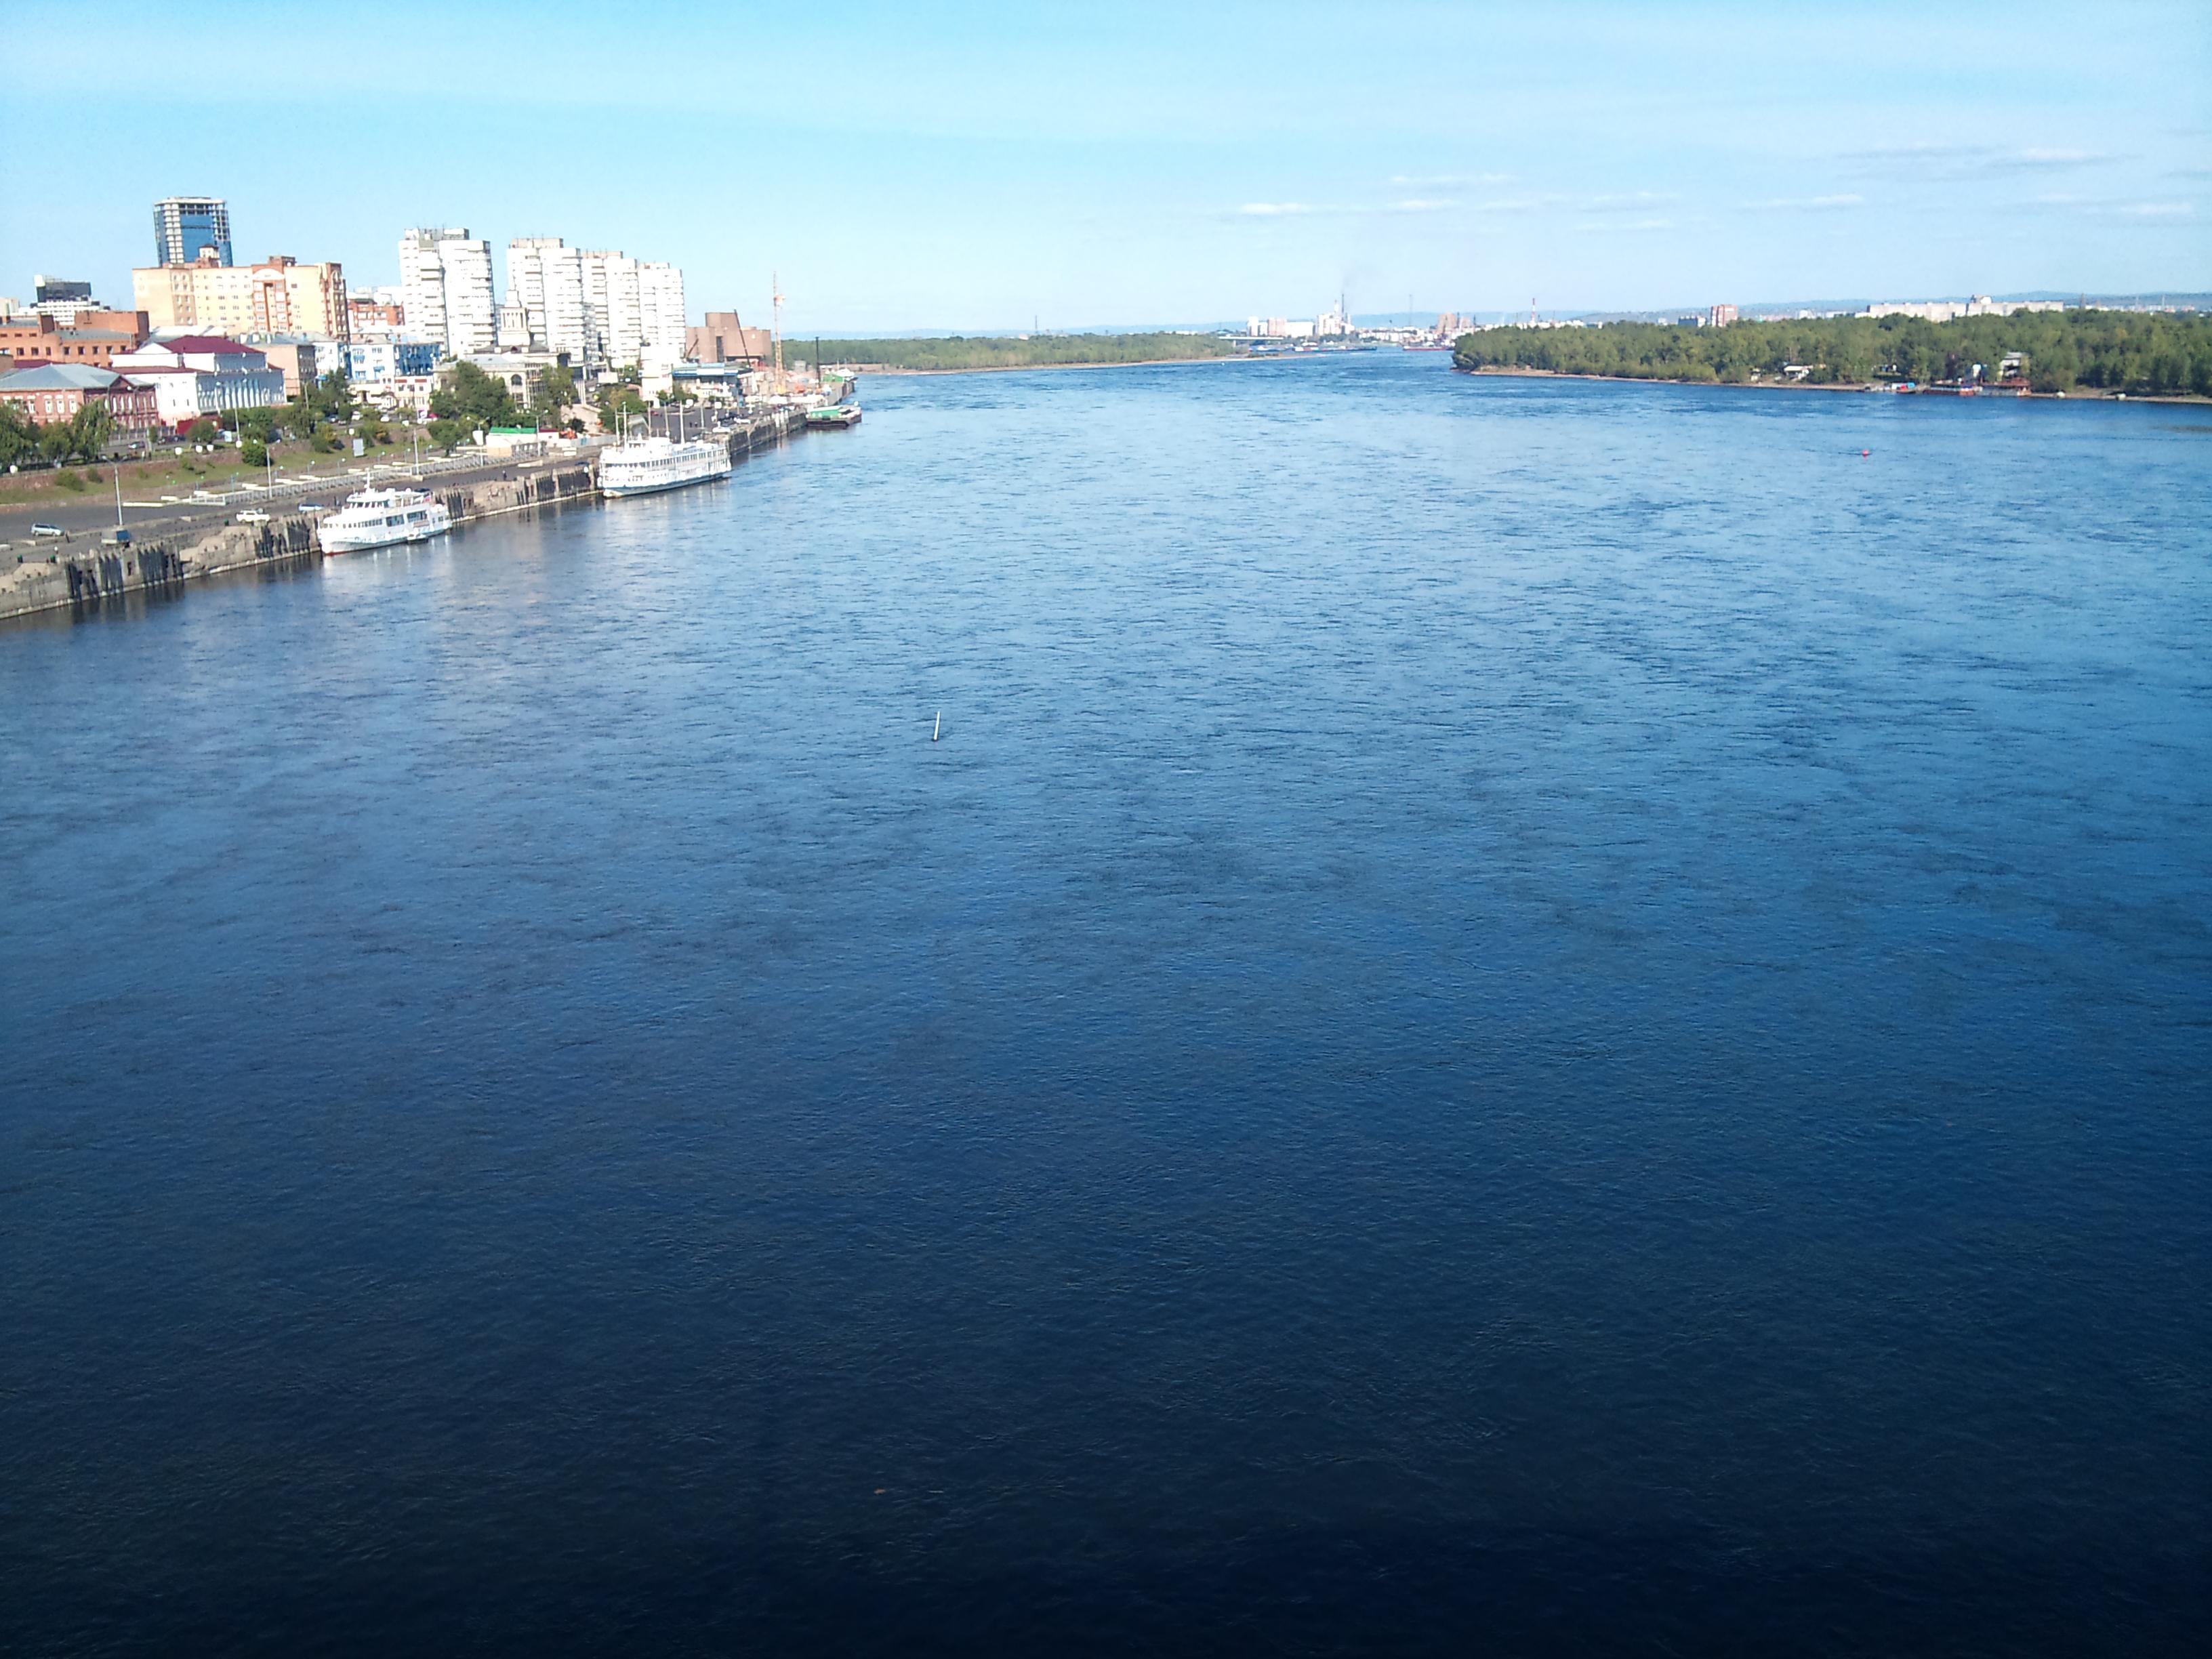 Красноярск Великая река Сибири Енисей вид с Коммунального моста Енисей занимает 7-е место в мире и 1-е в России по количеству воды. 24.08.2012 года